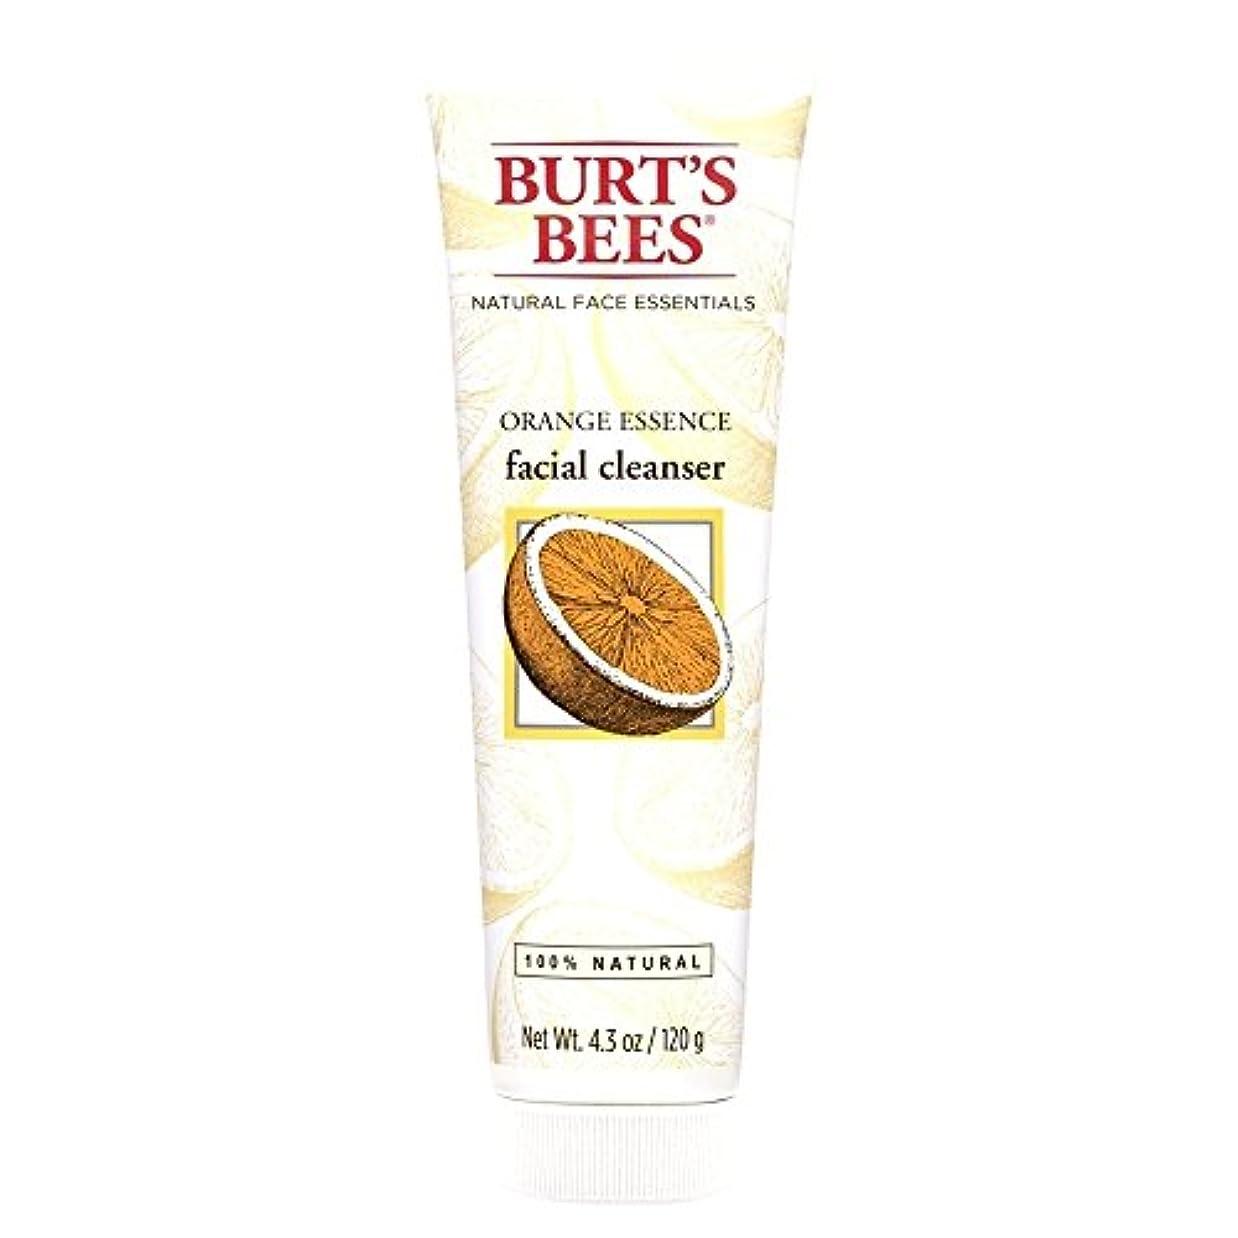 書店アンプ無駄バーツビーオレンジエッセンス洗顔料、125グラム (Burt's Bees) (x2) - Burt's Bees Orange Essence Facial Cleanser, 125g (Pack of 2) [並行輸入品]